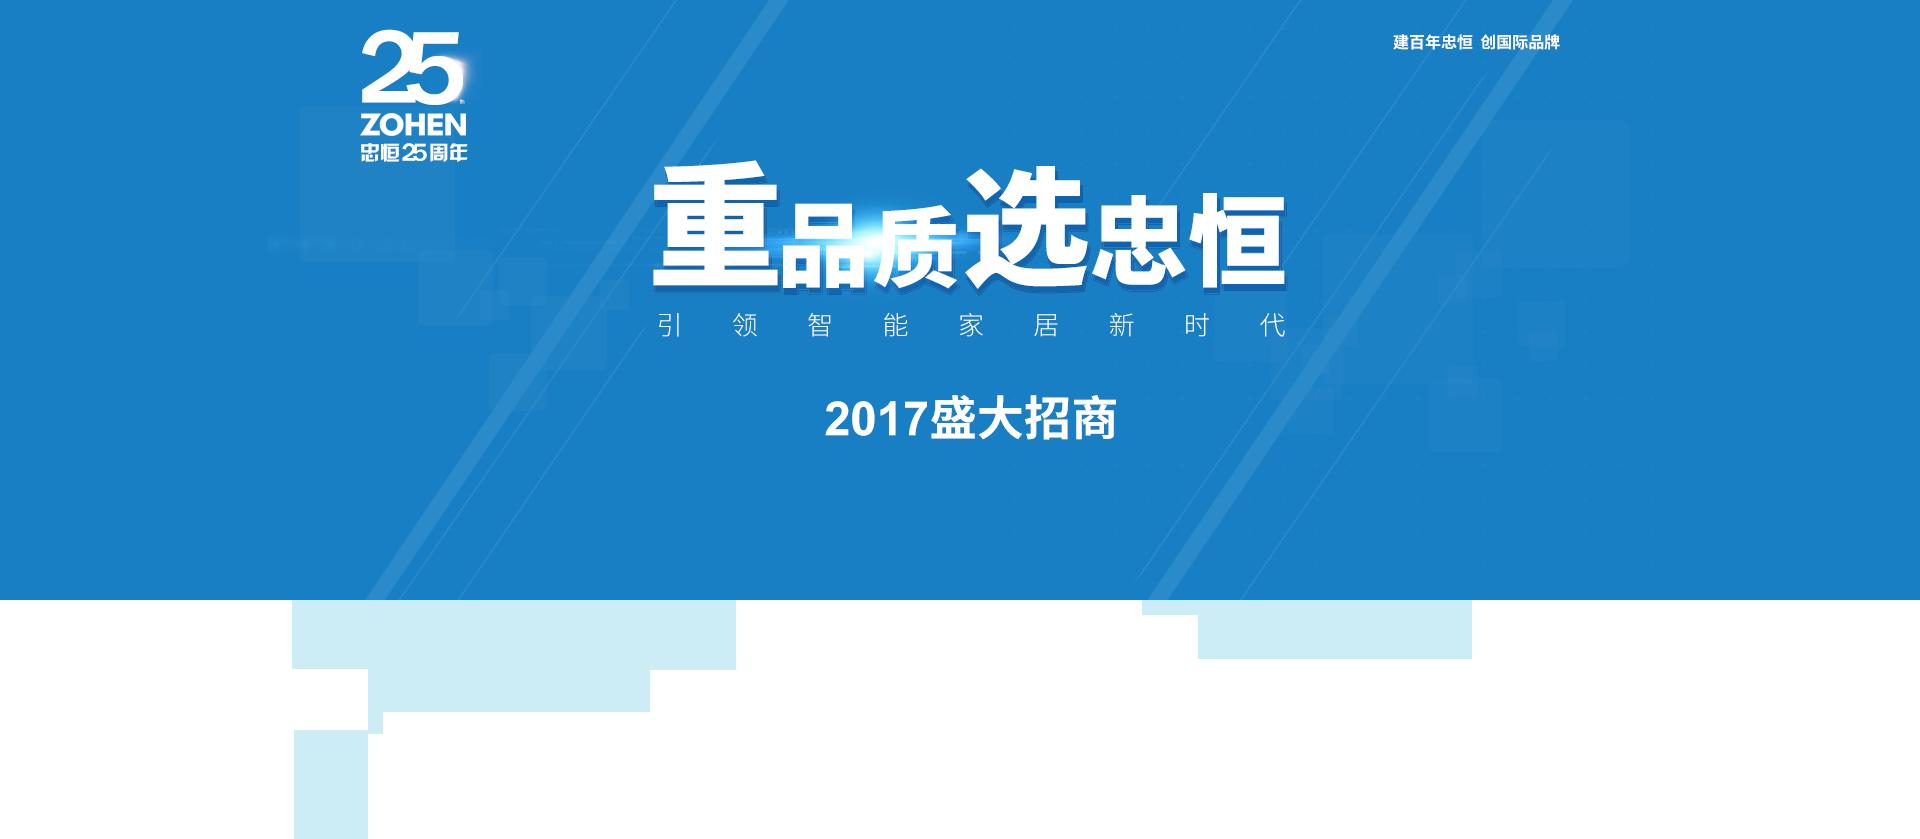 忠恒25周年 重品质 选忠恒 2017盛大招商 引领智能家居新时代